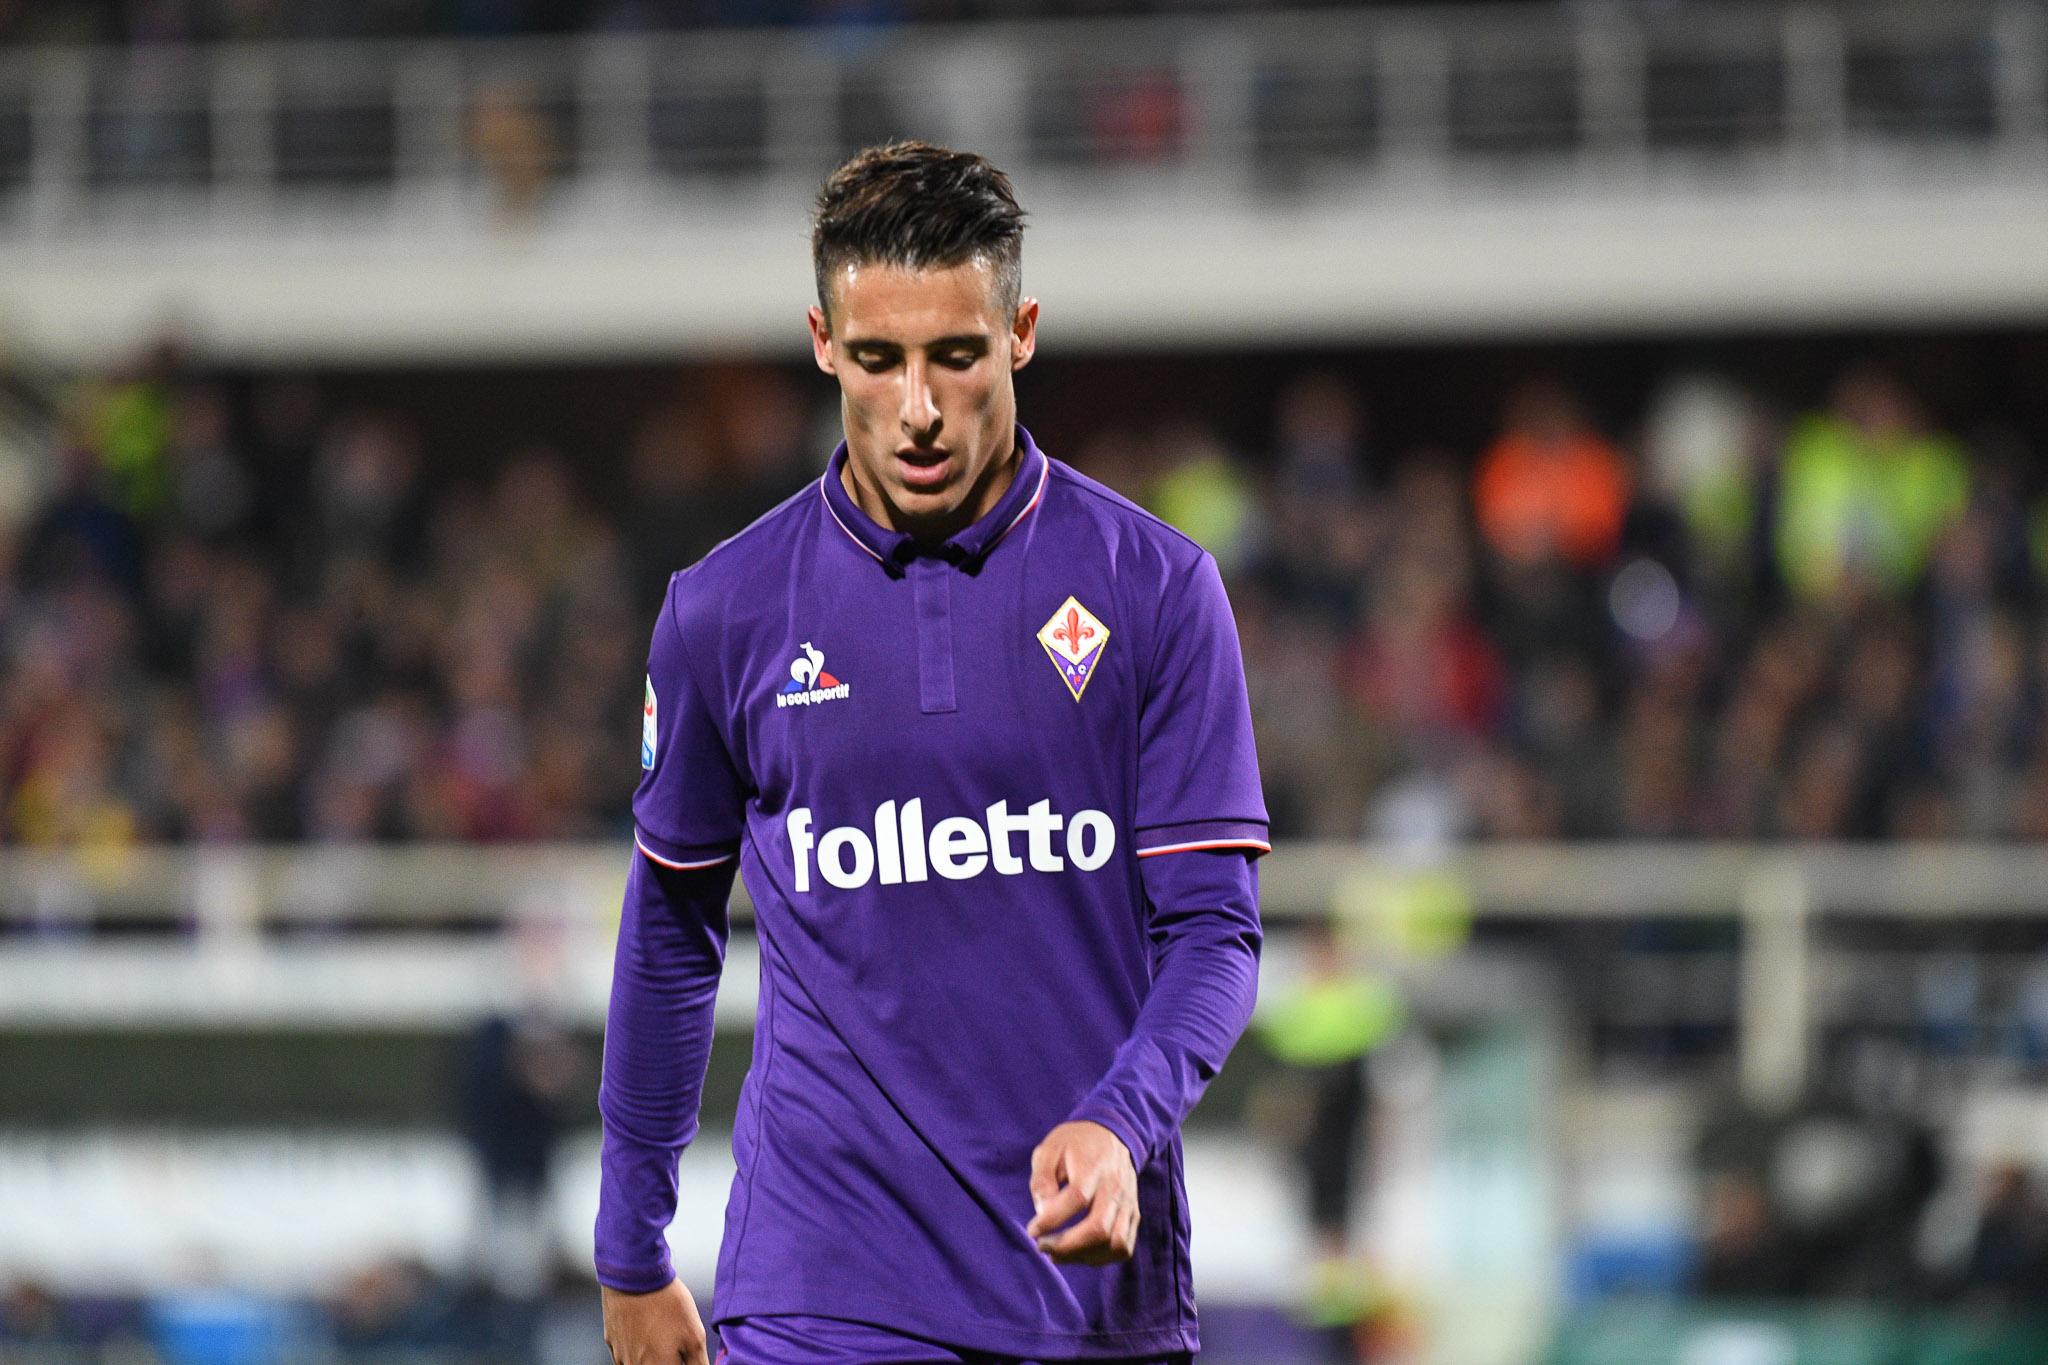 Ufficiale, Tello non ritorna più alla Fiorentina, è un giocatore del Betis Siviglia